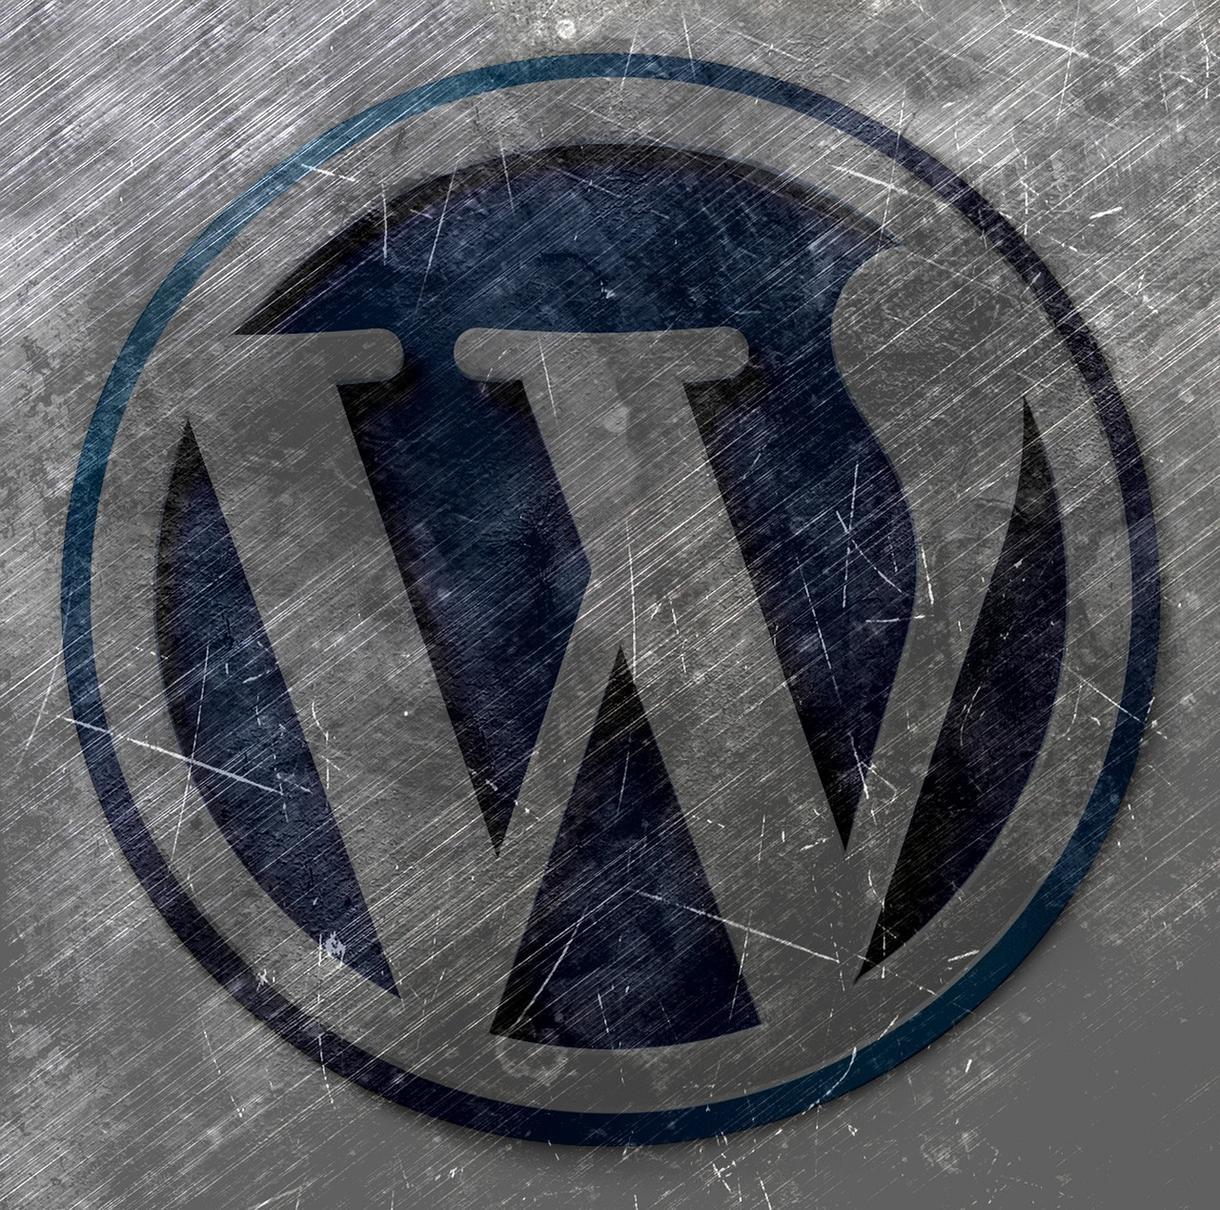 独自ドメインでWordpressの初期設定をします SSL対応、独自ドメインのWordpressを設定します イメージ1